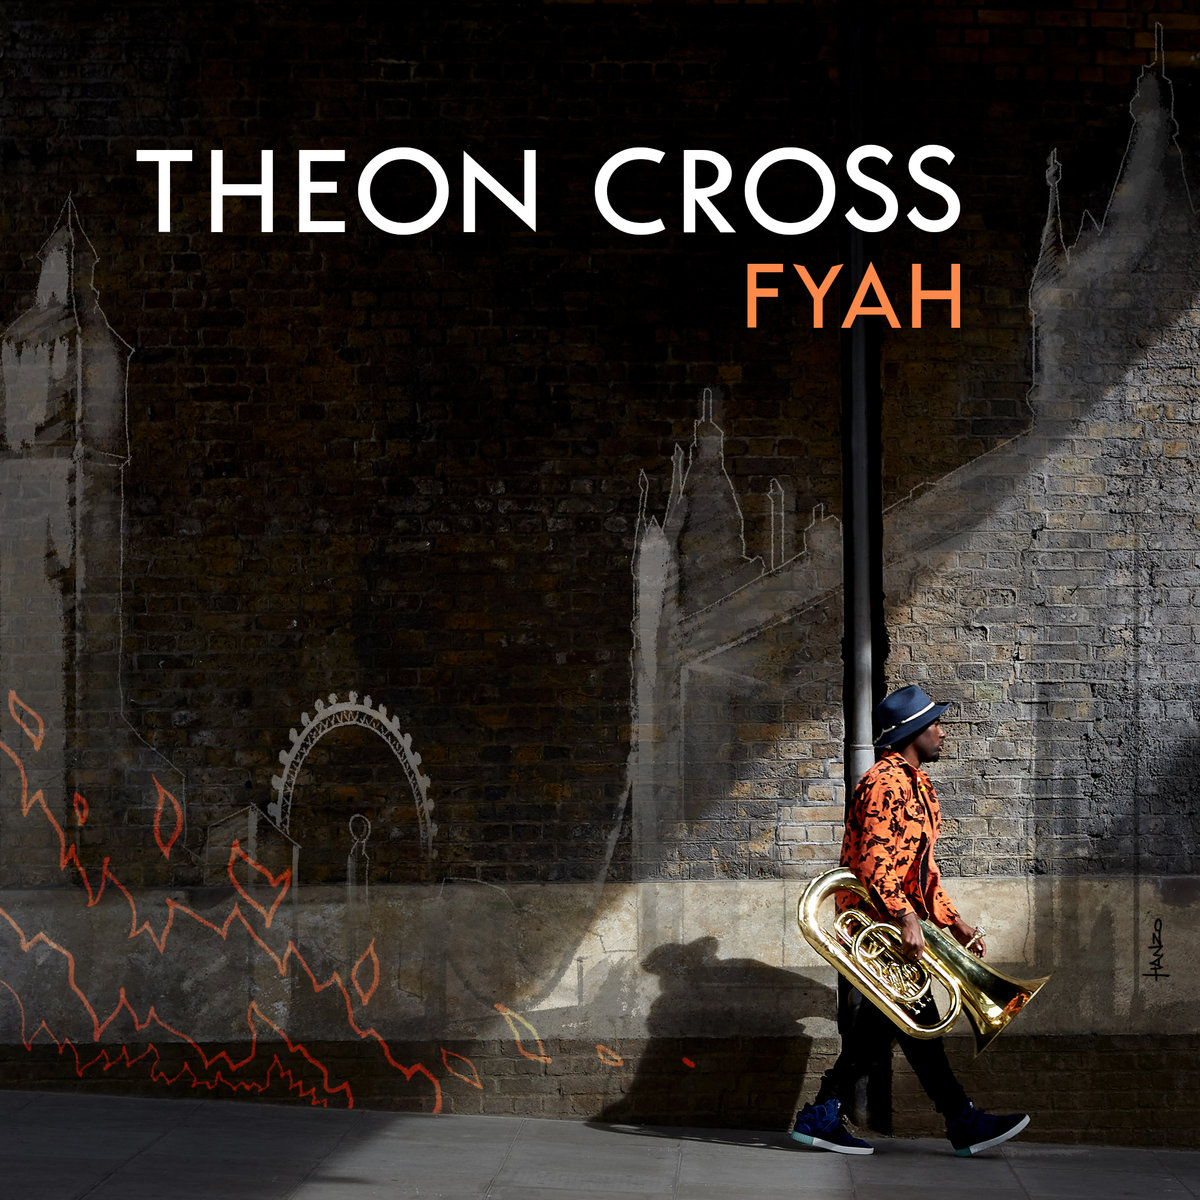 theon cross fyah